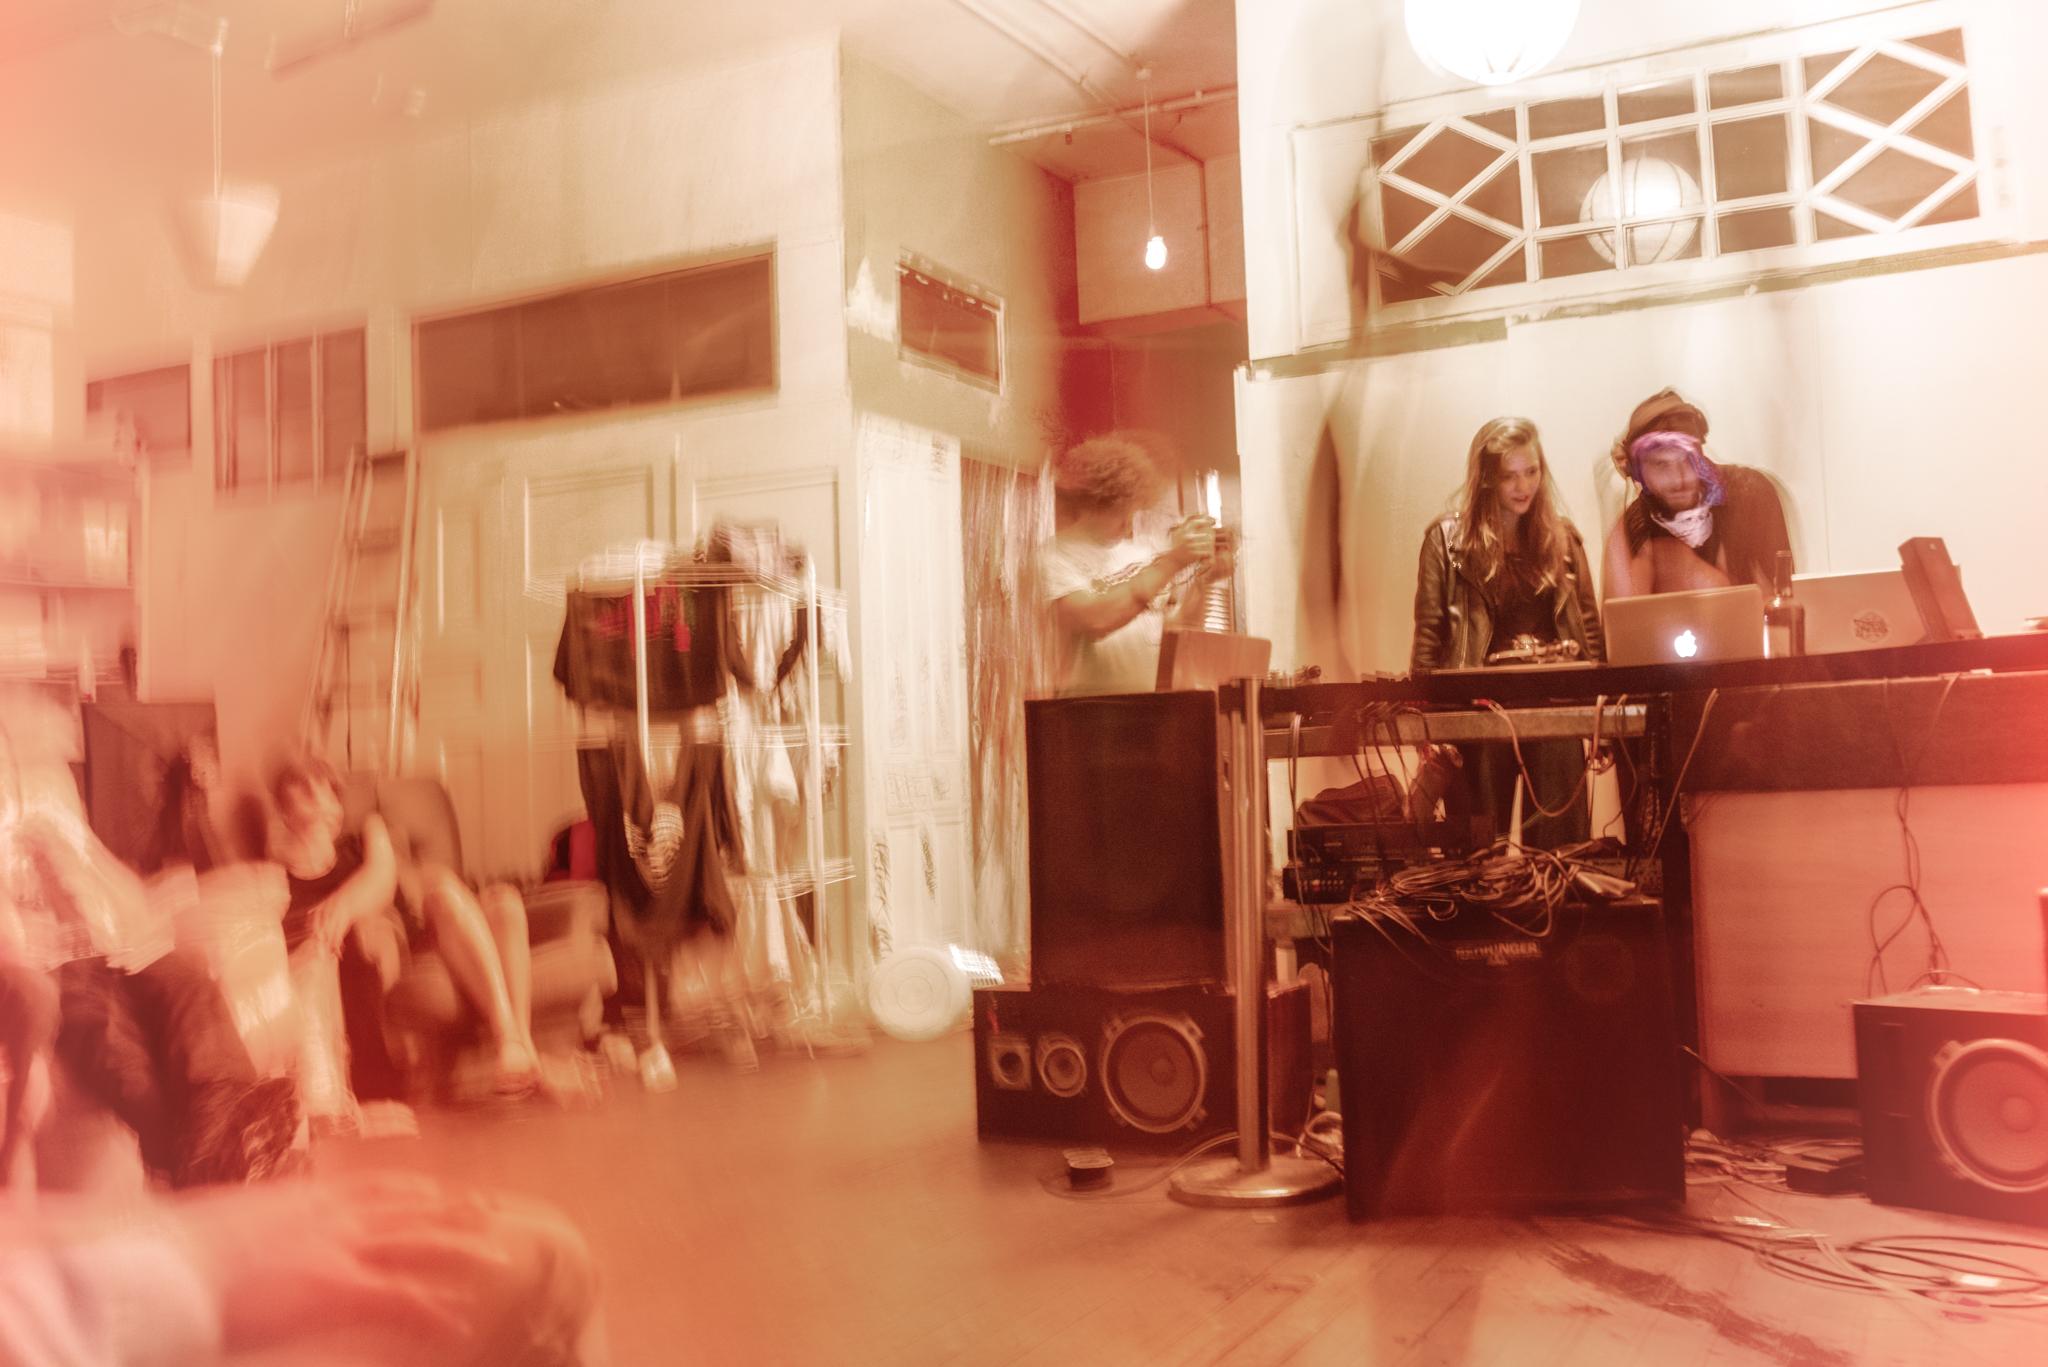 Halloween2013_Tim_da-Rin-52.jpg